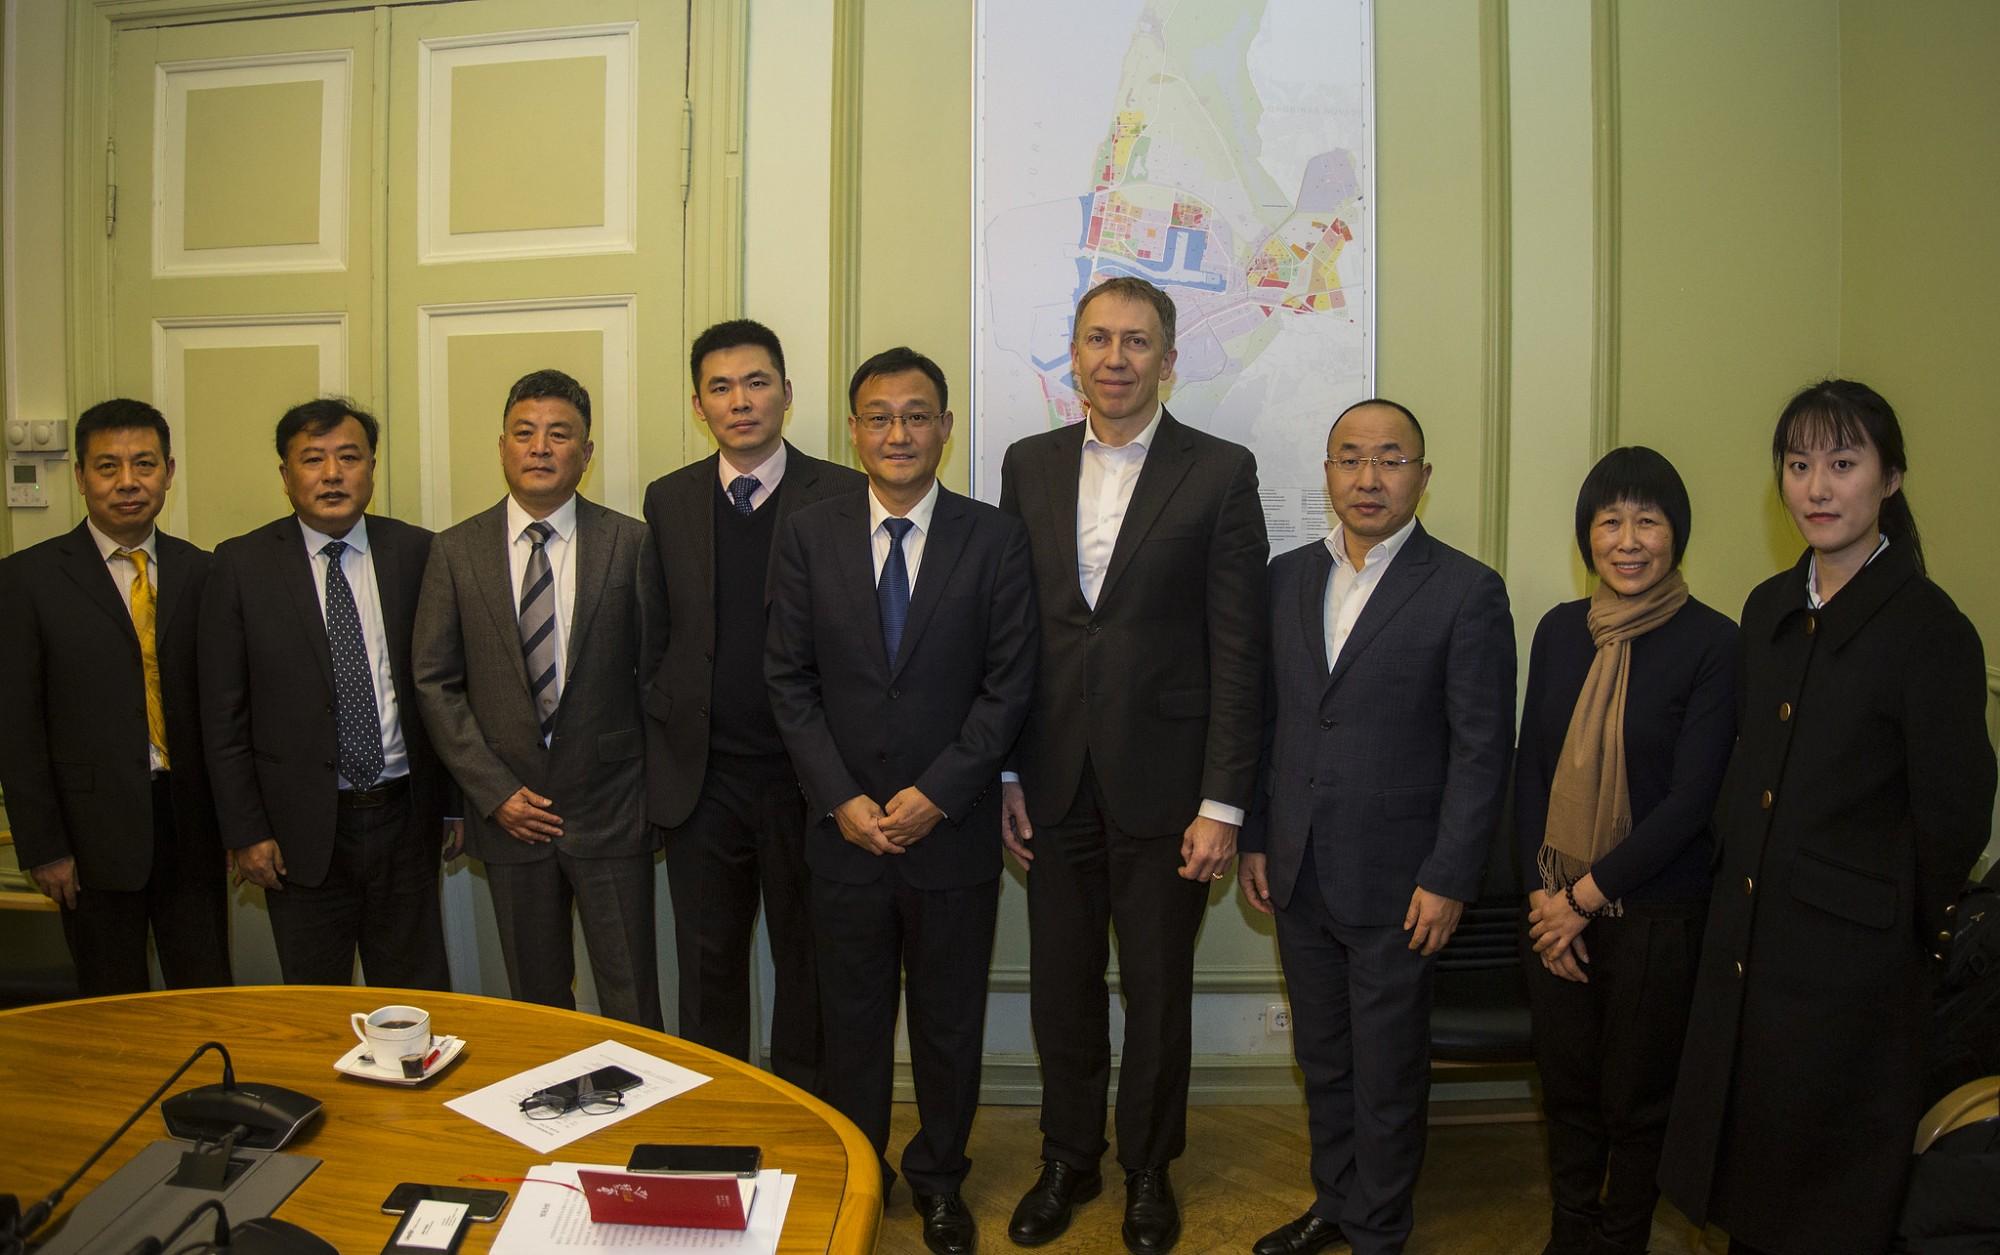 Liepājā darba vizītē ierodas Vuksi pašvaldības delegācija